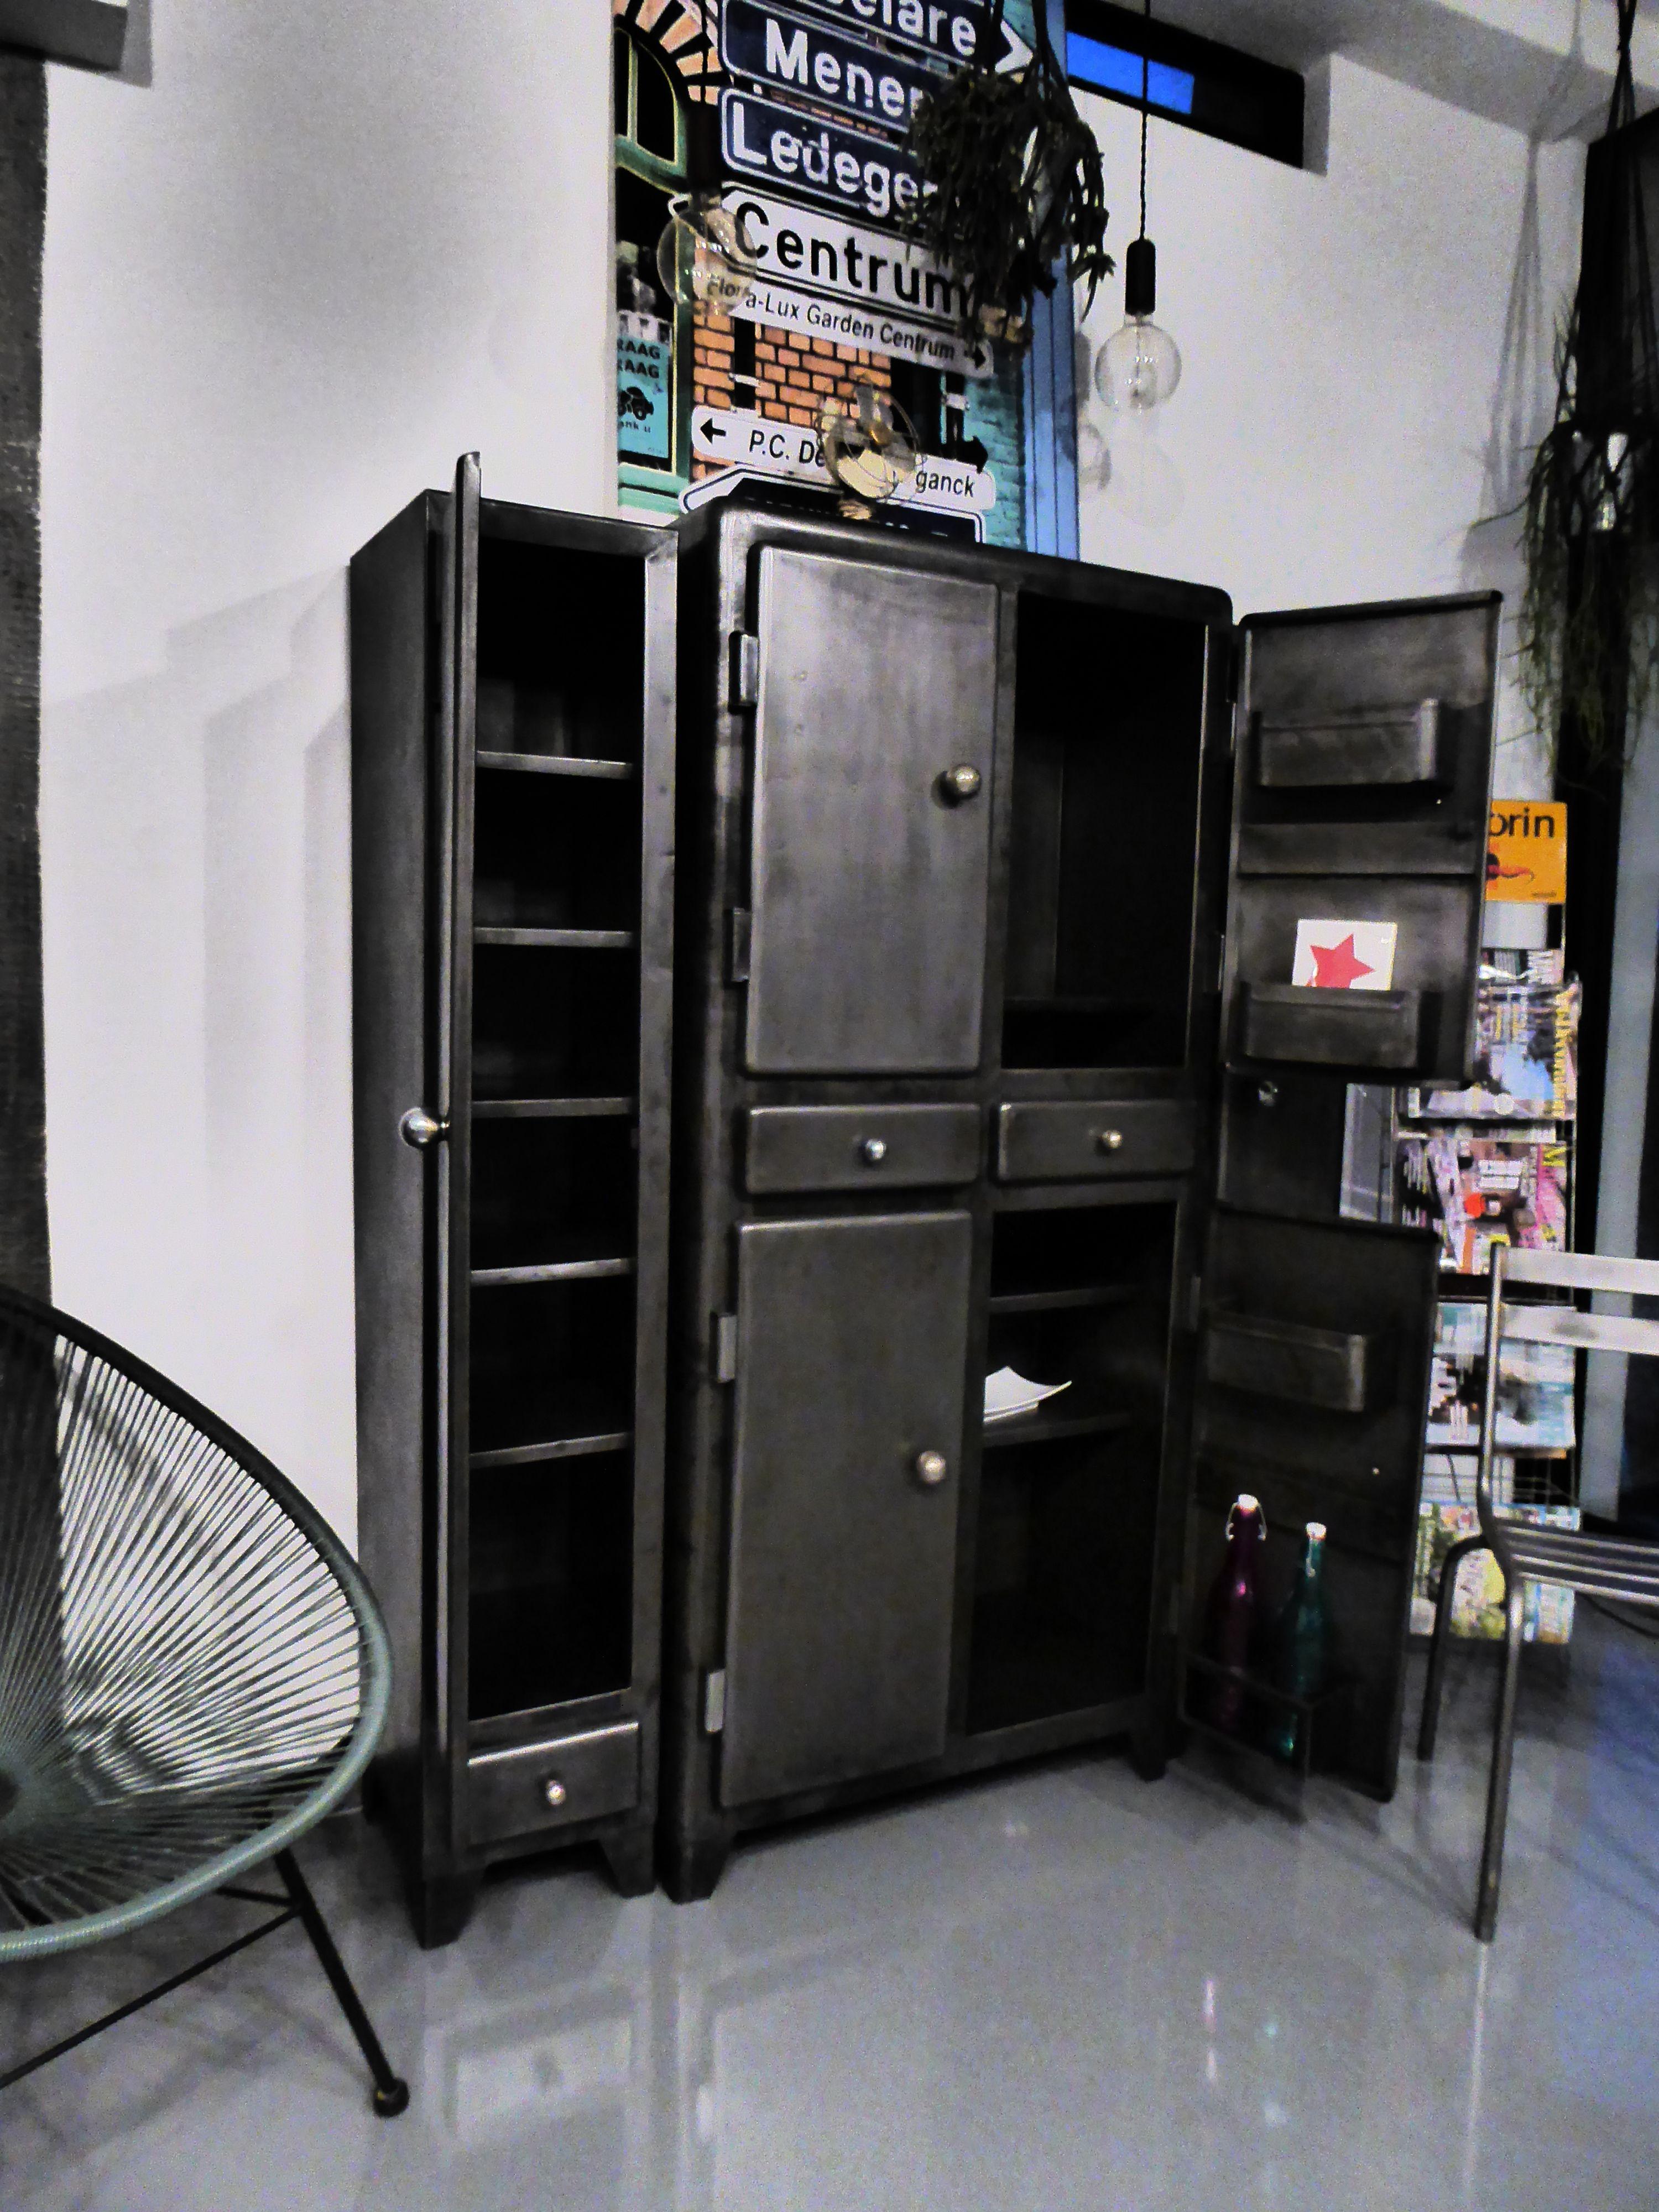 Meuble ann es 50 de cuisine vous propose ce meuble ancien restaur des - Meuble ancien restaure ...